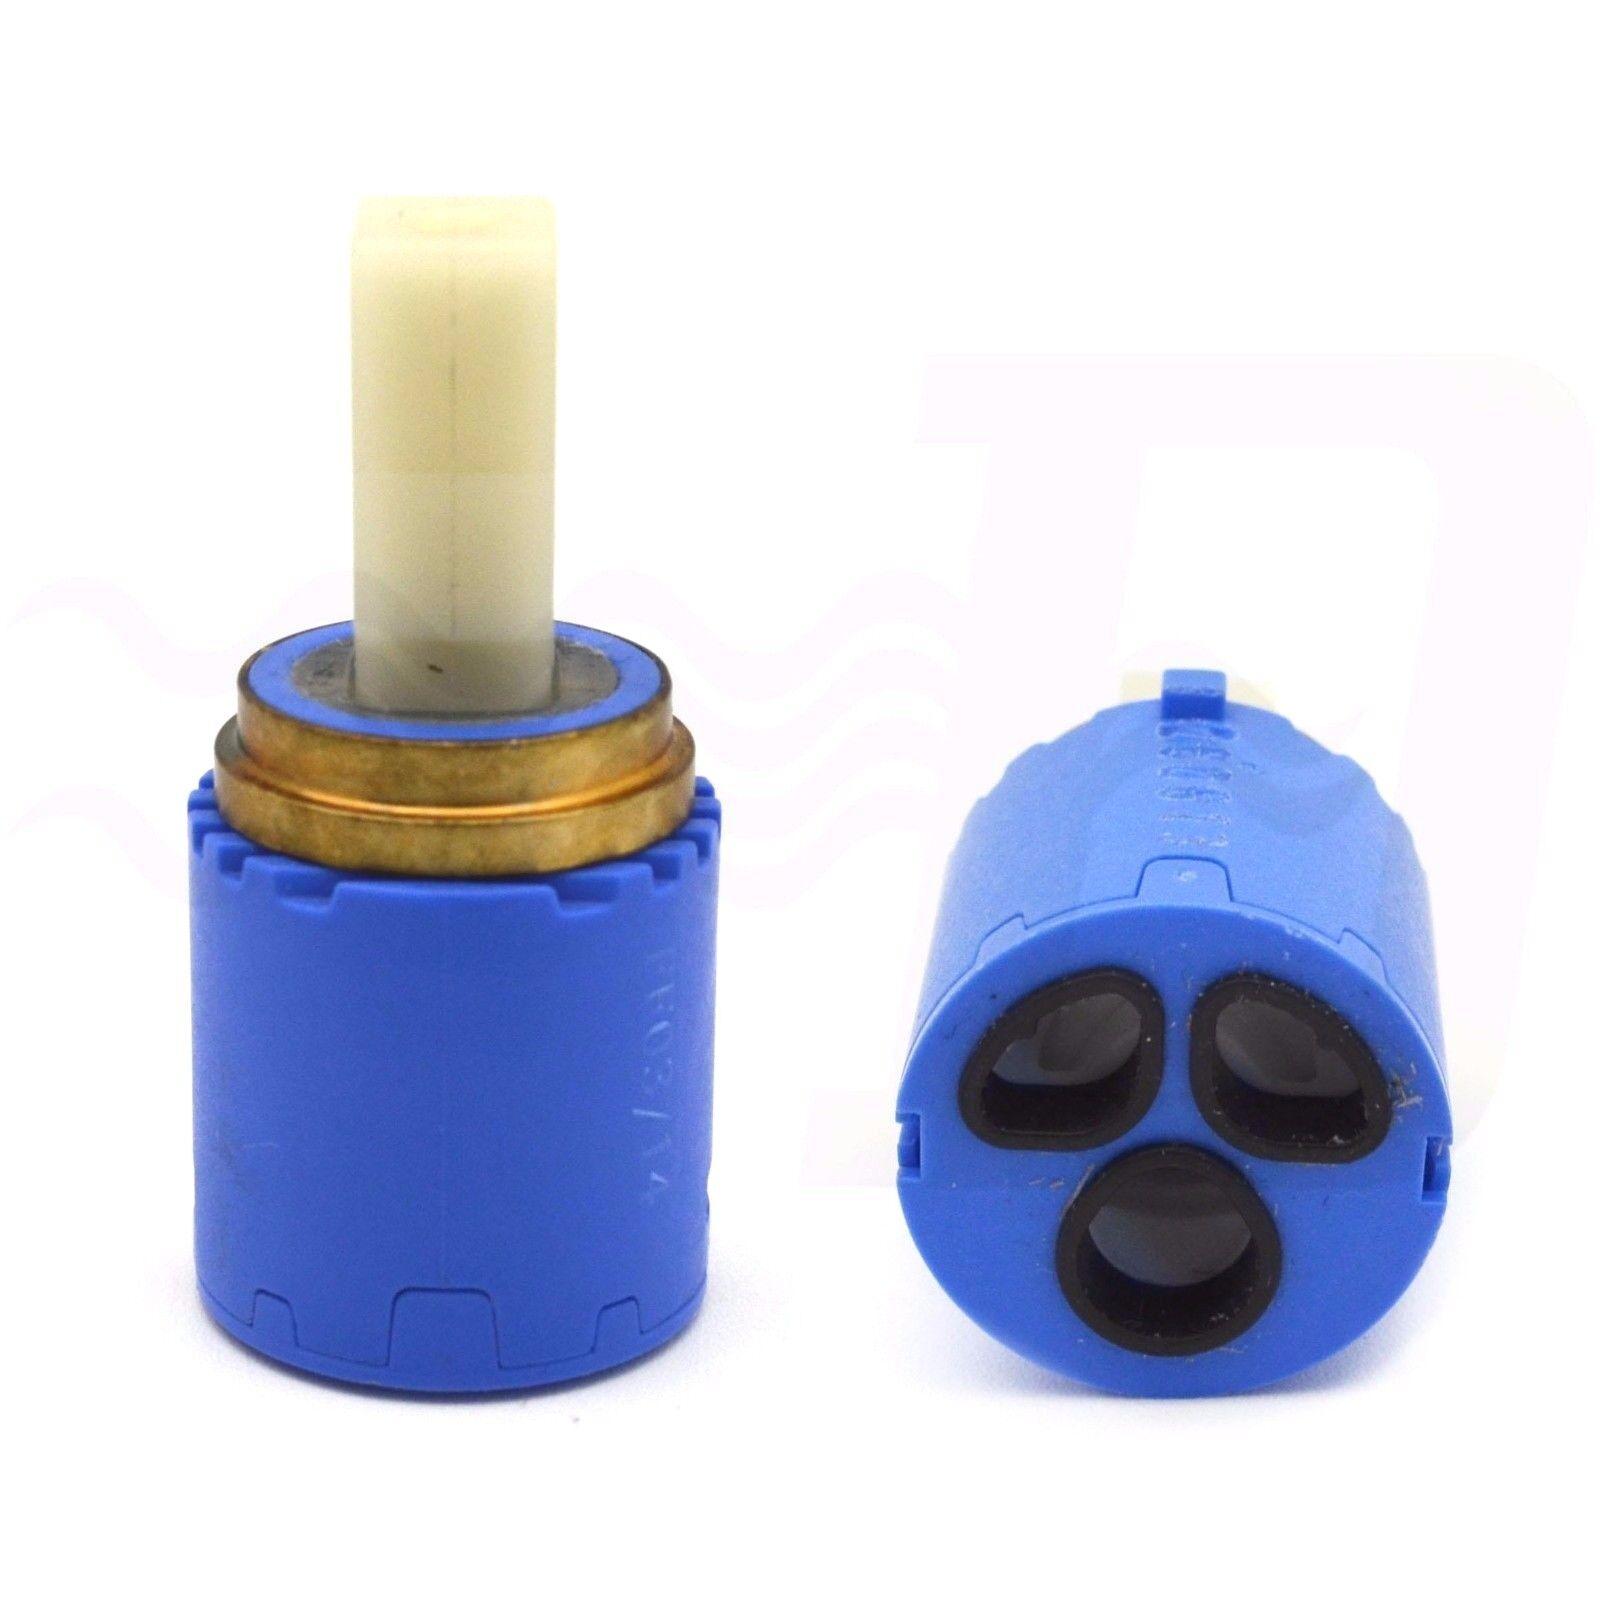 Patrone für Mixer Frattini Serie Pfeffer Diam. 25 | Auktion  | Verkaufspreis  | Starke Hitze- und Abnutzungsbeständigkeit  | Erste Gruppe von Kunden